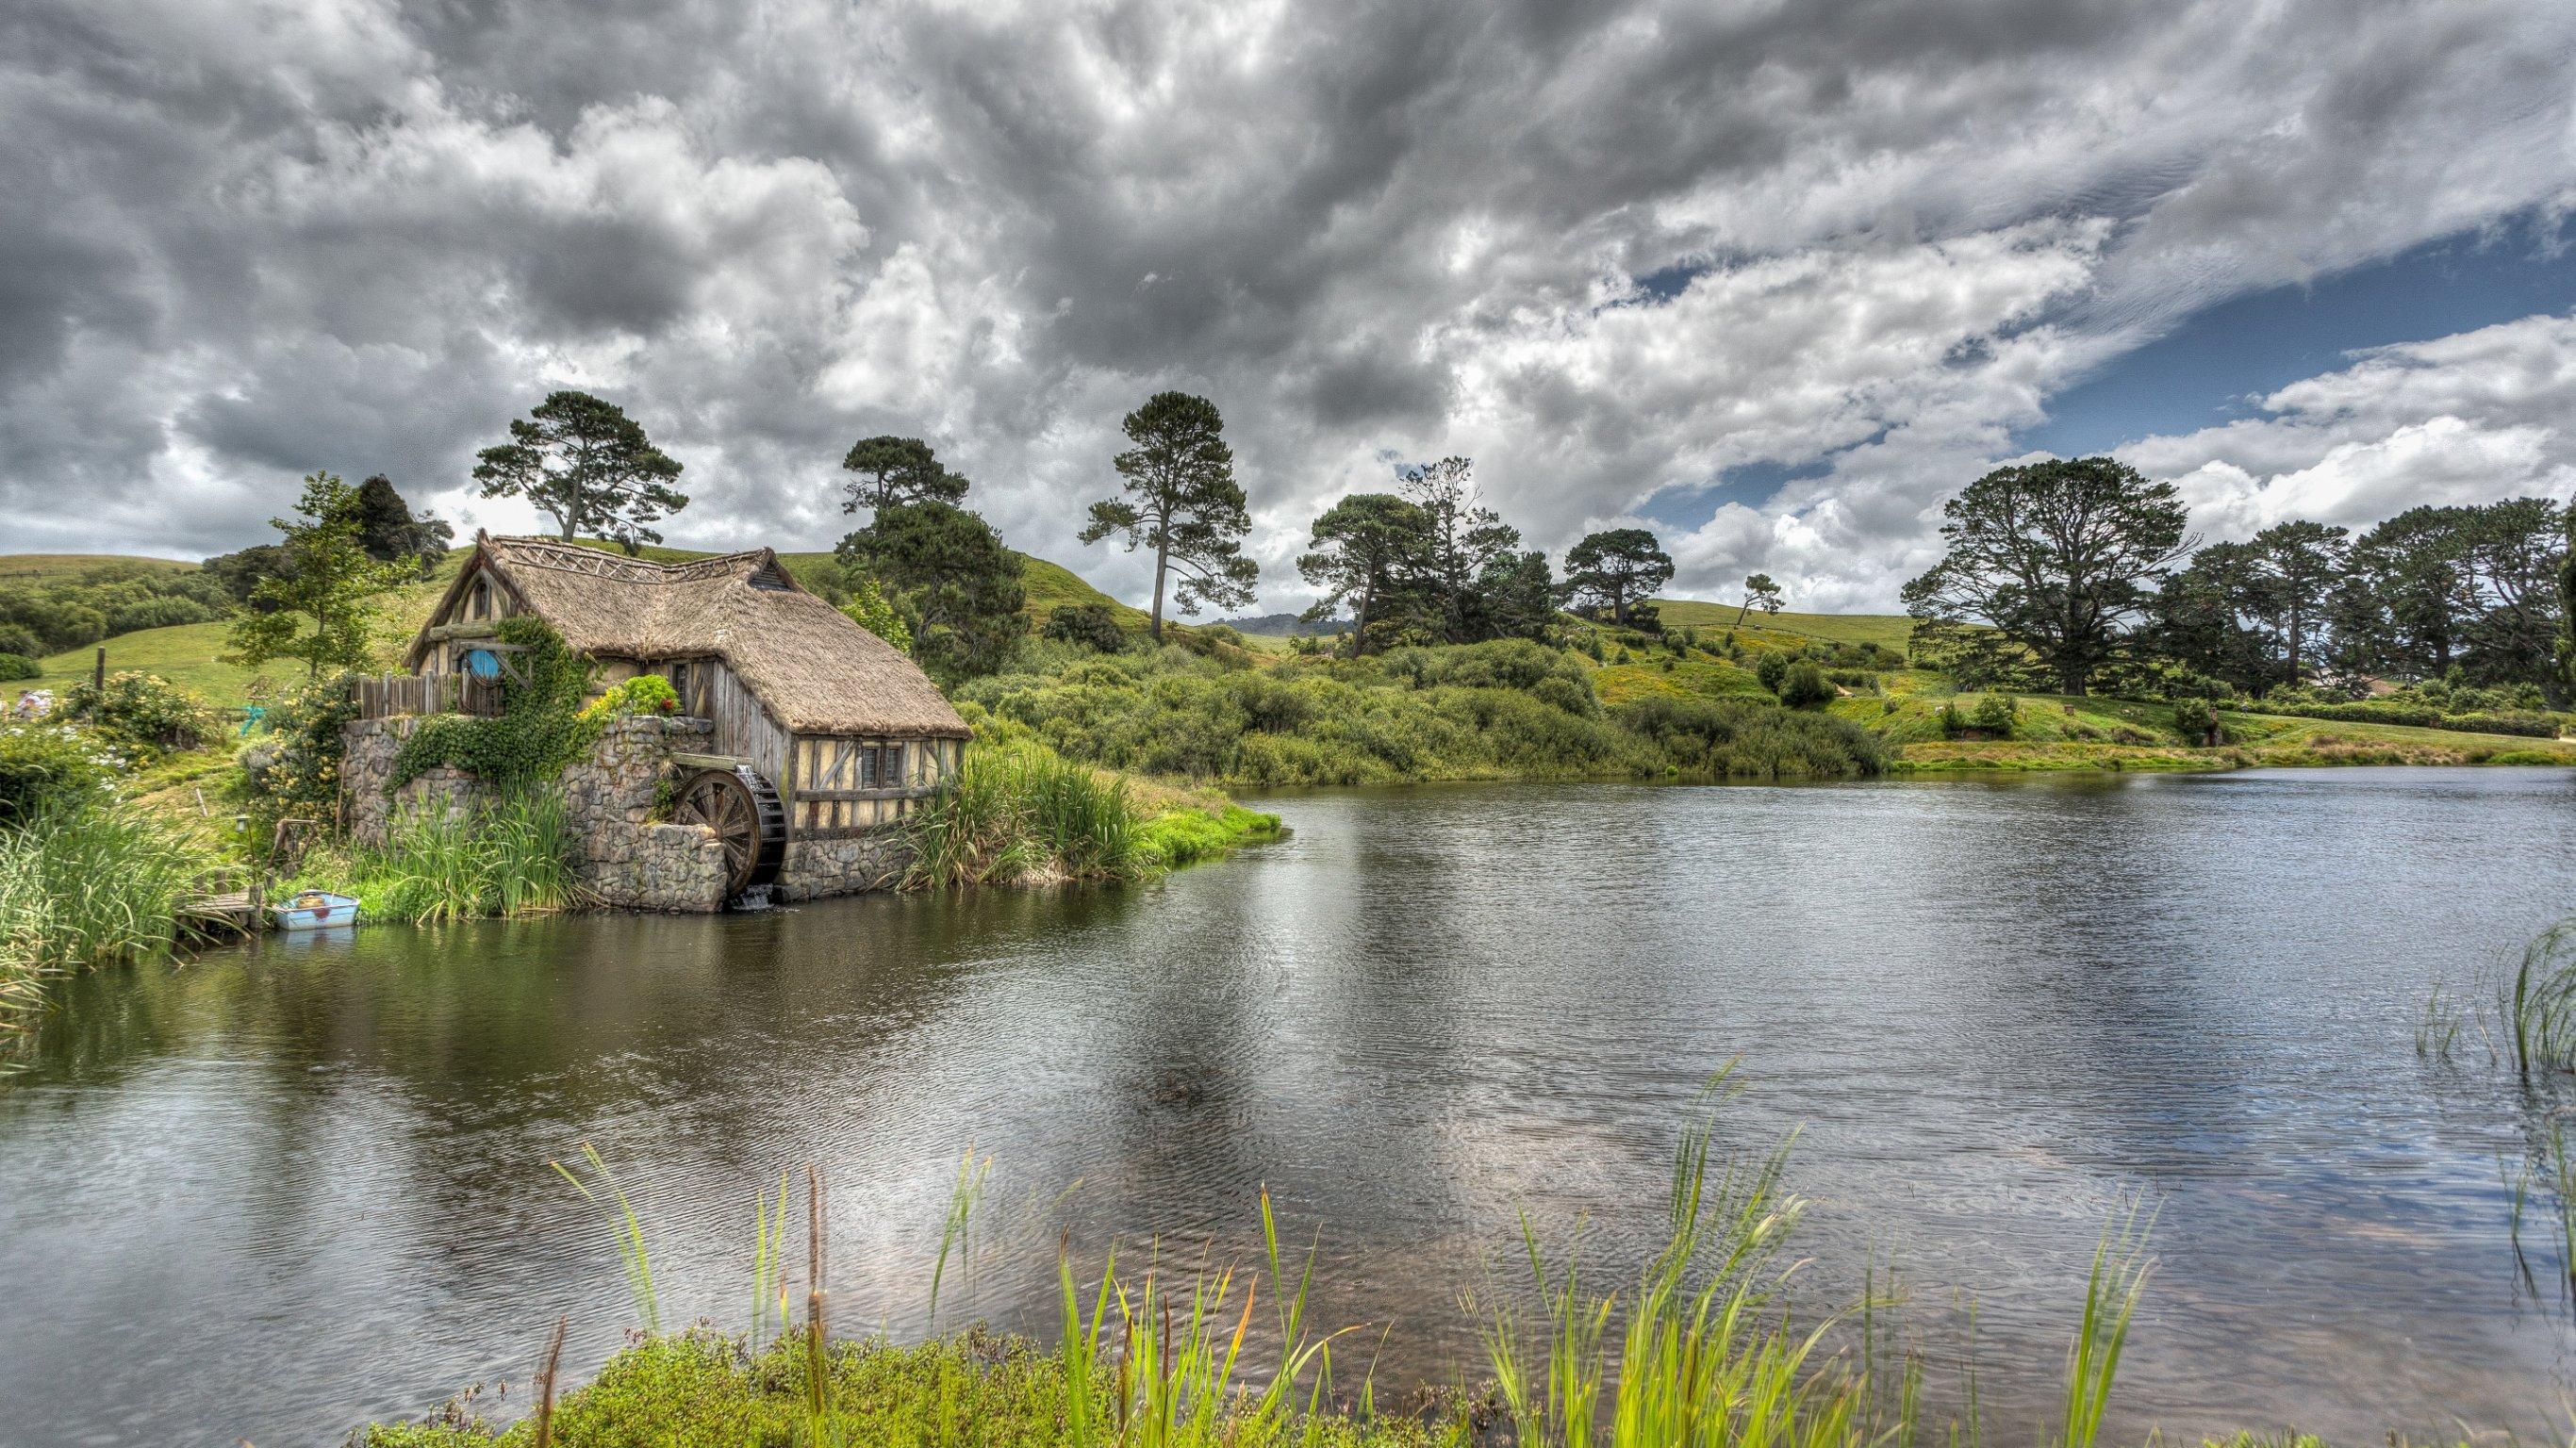 3-Day Luxury Escape to the Mighty Waikato Region - New Zealand Itinerary